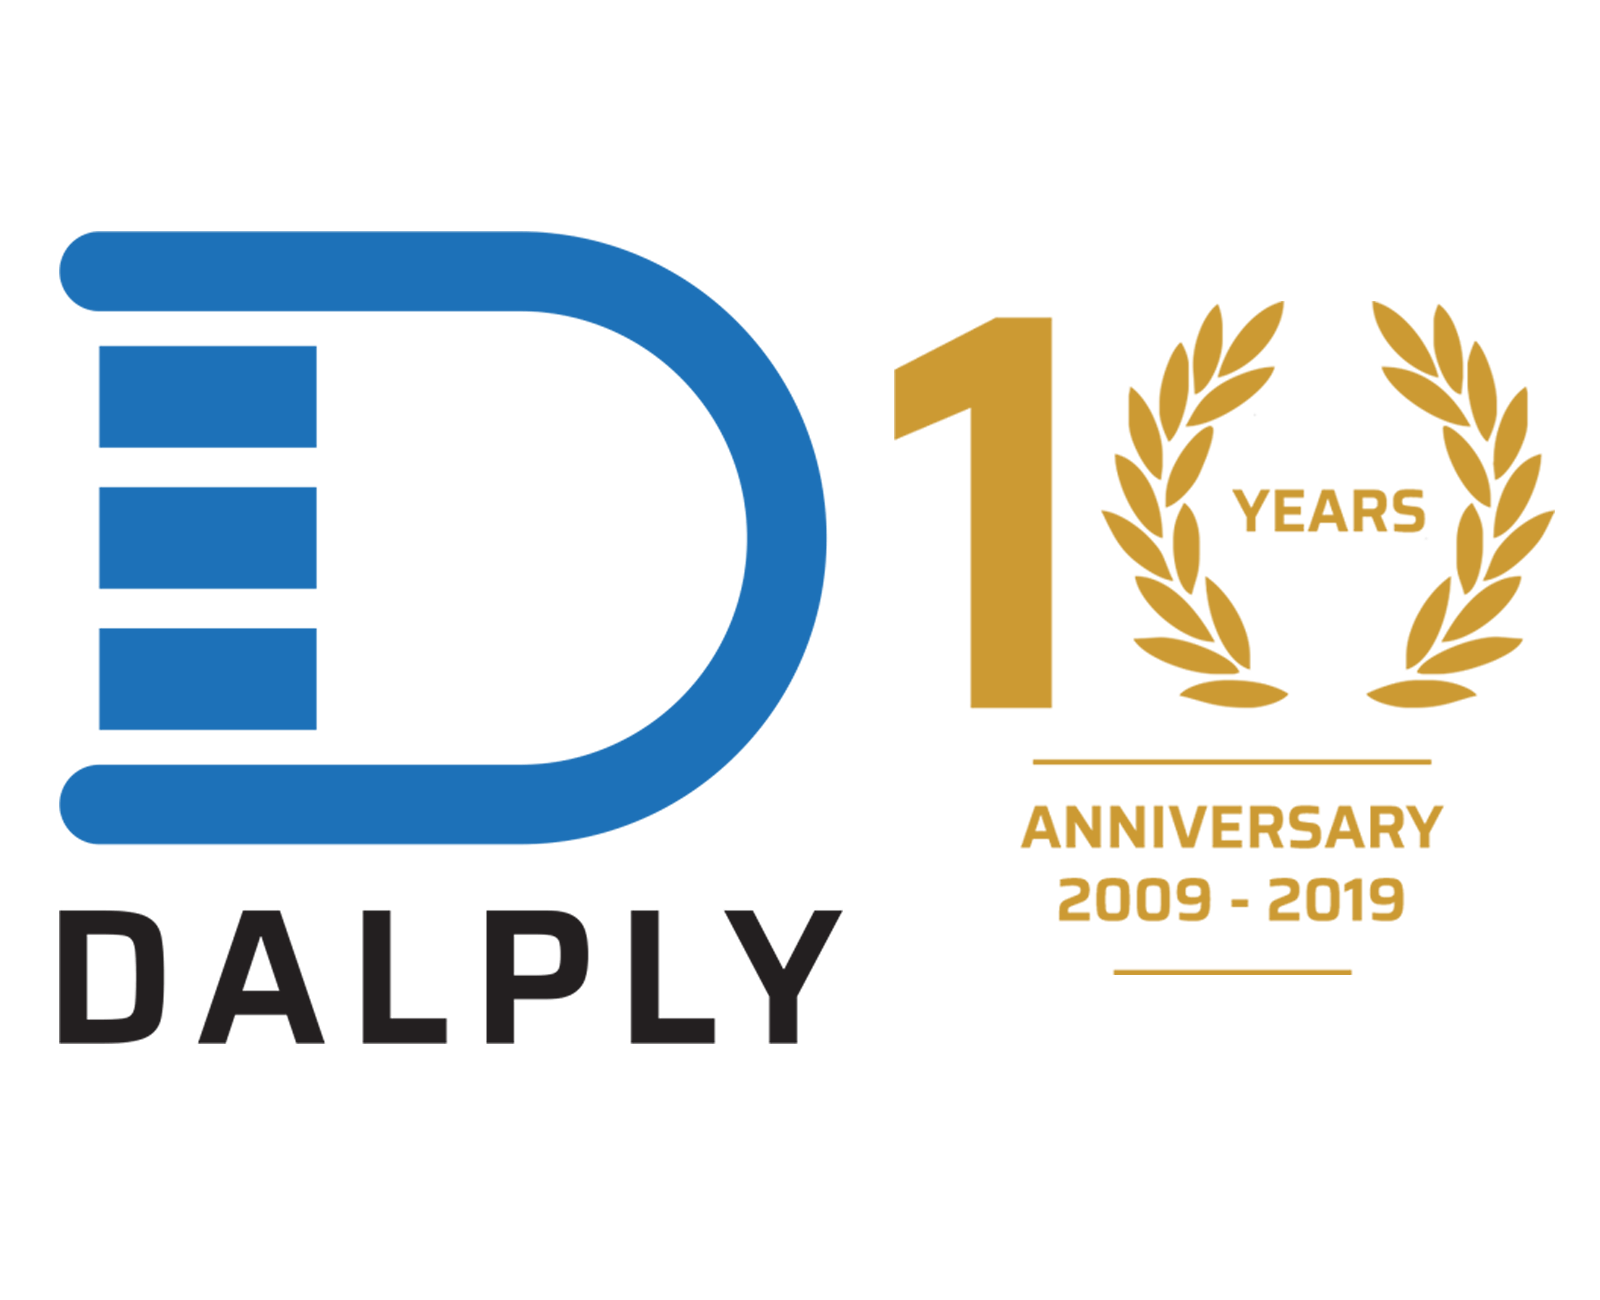 dalply 10 year anniversary